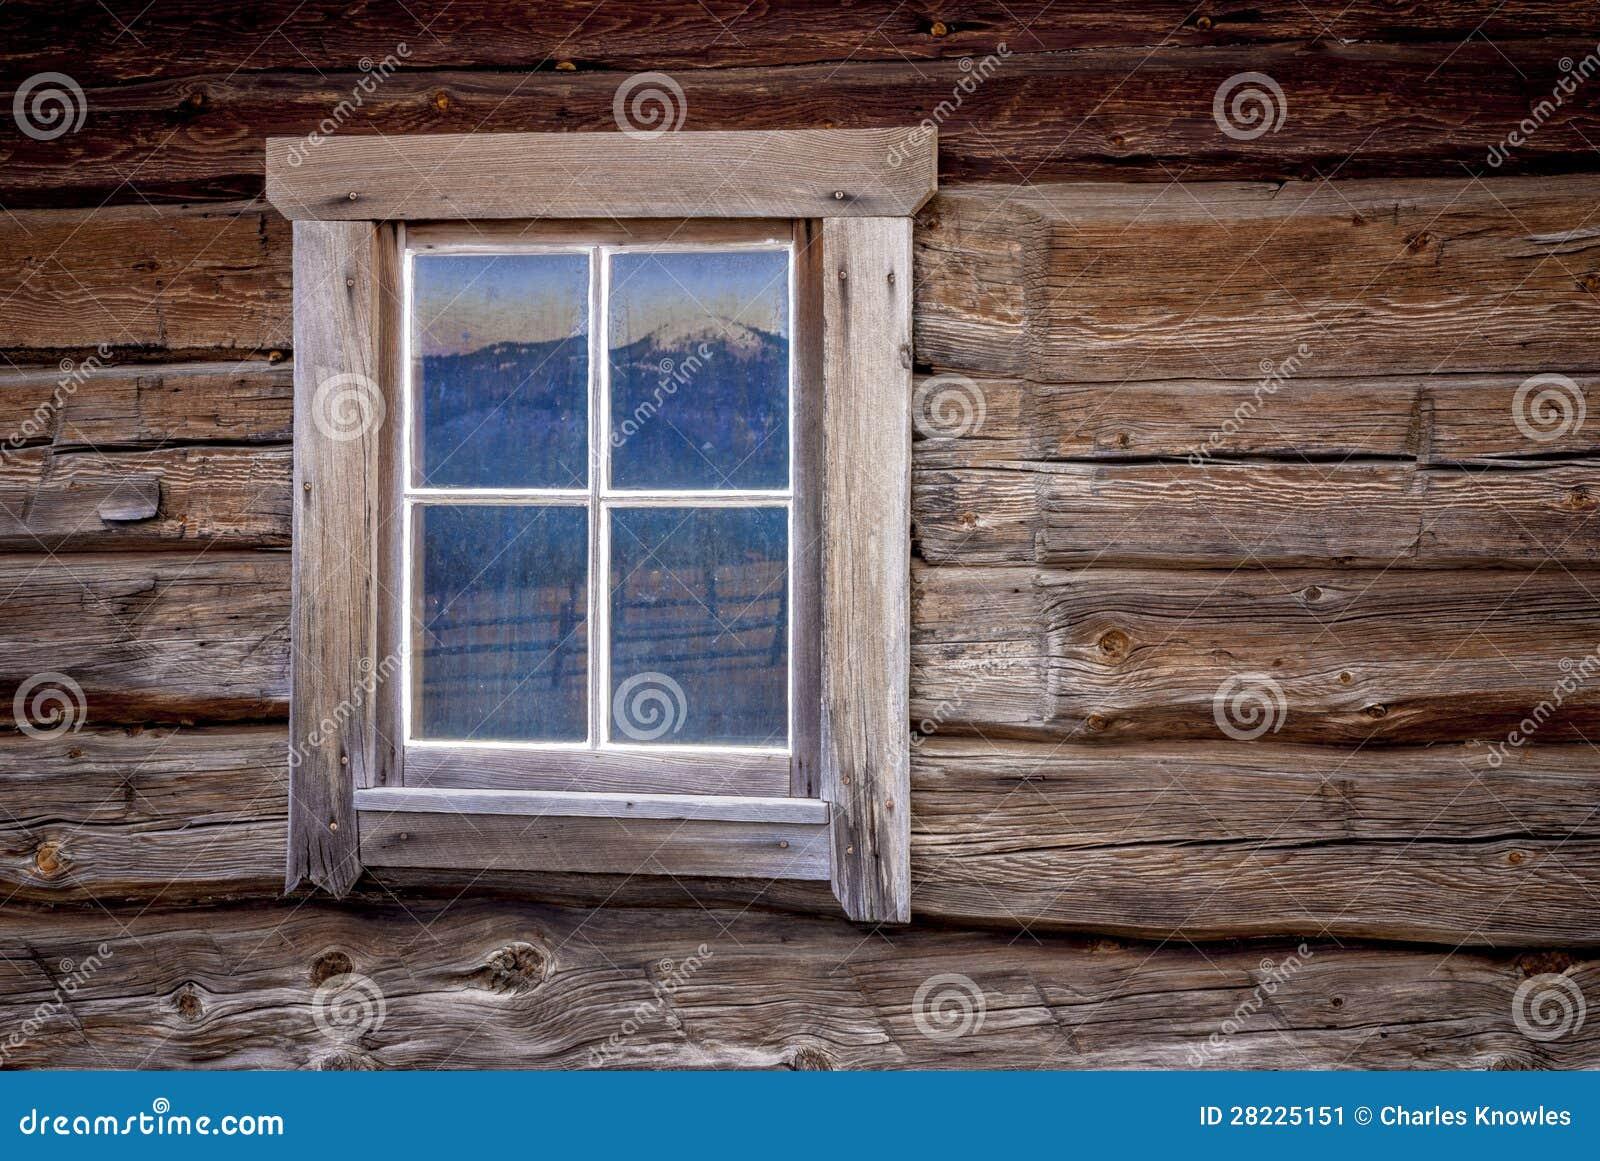 Finestra di cabina del libro macchina con la riflessione della montagna immagine stock - Libro la luce alla finestra ...